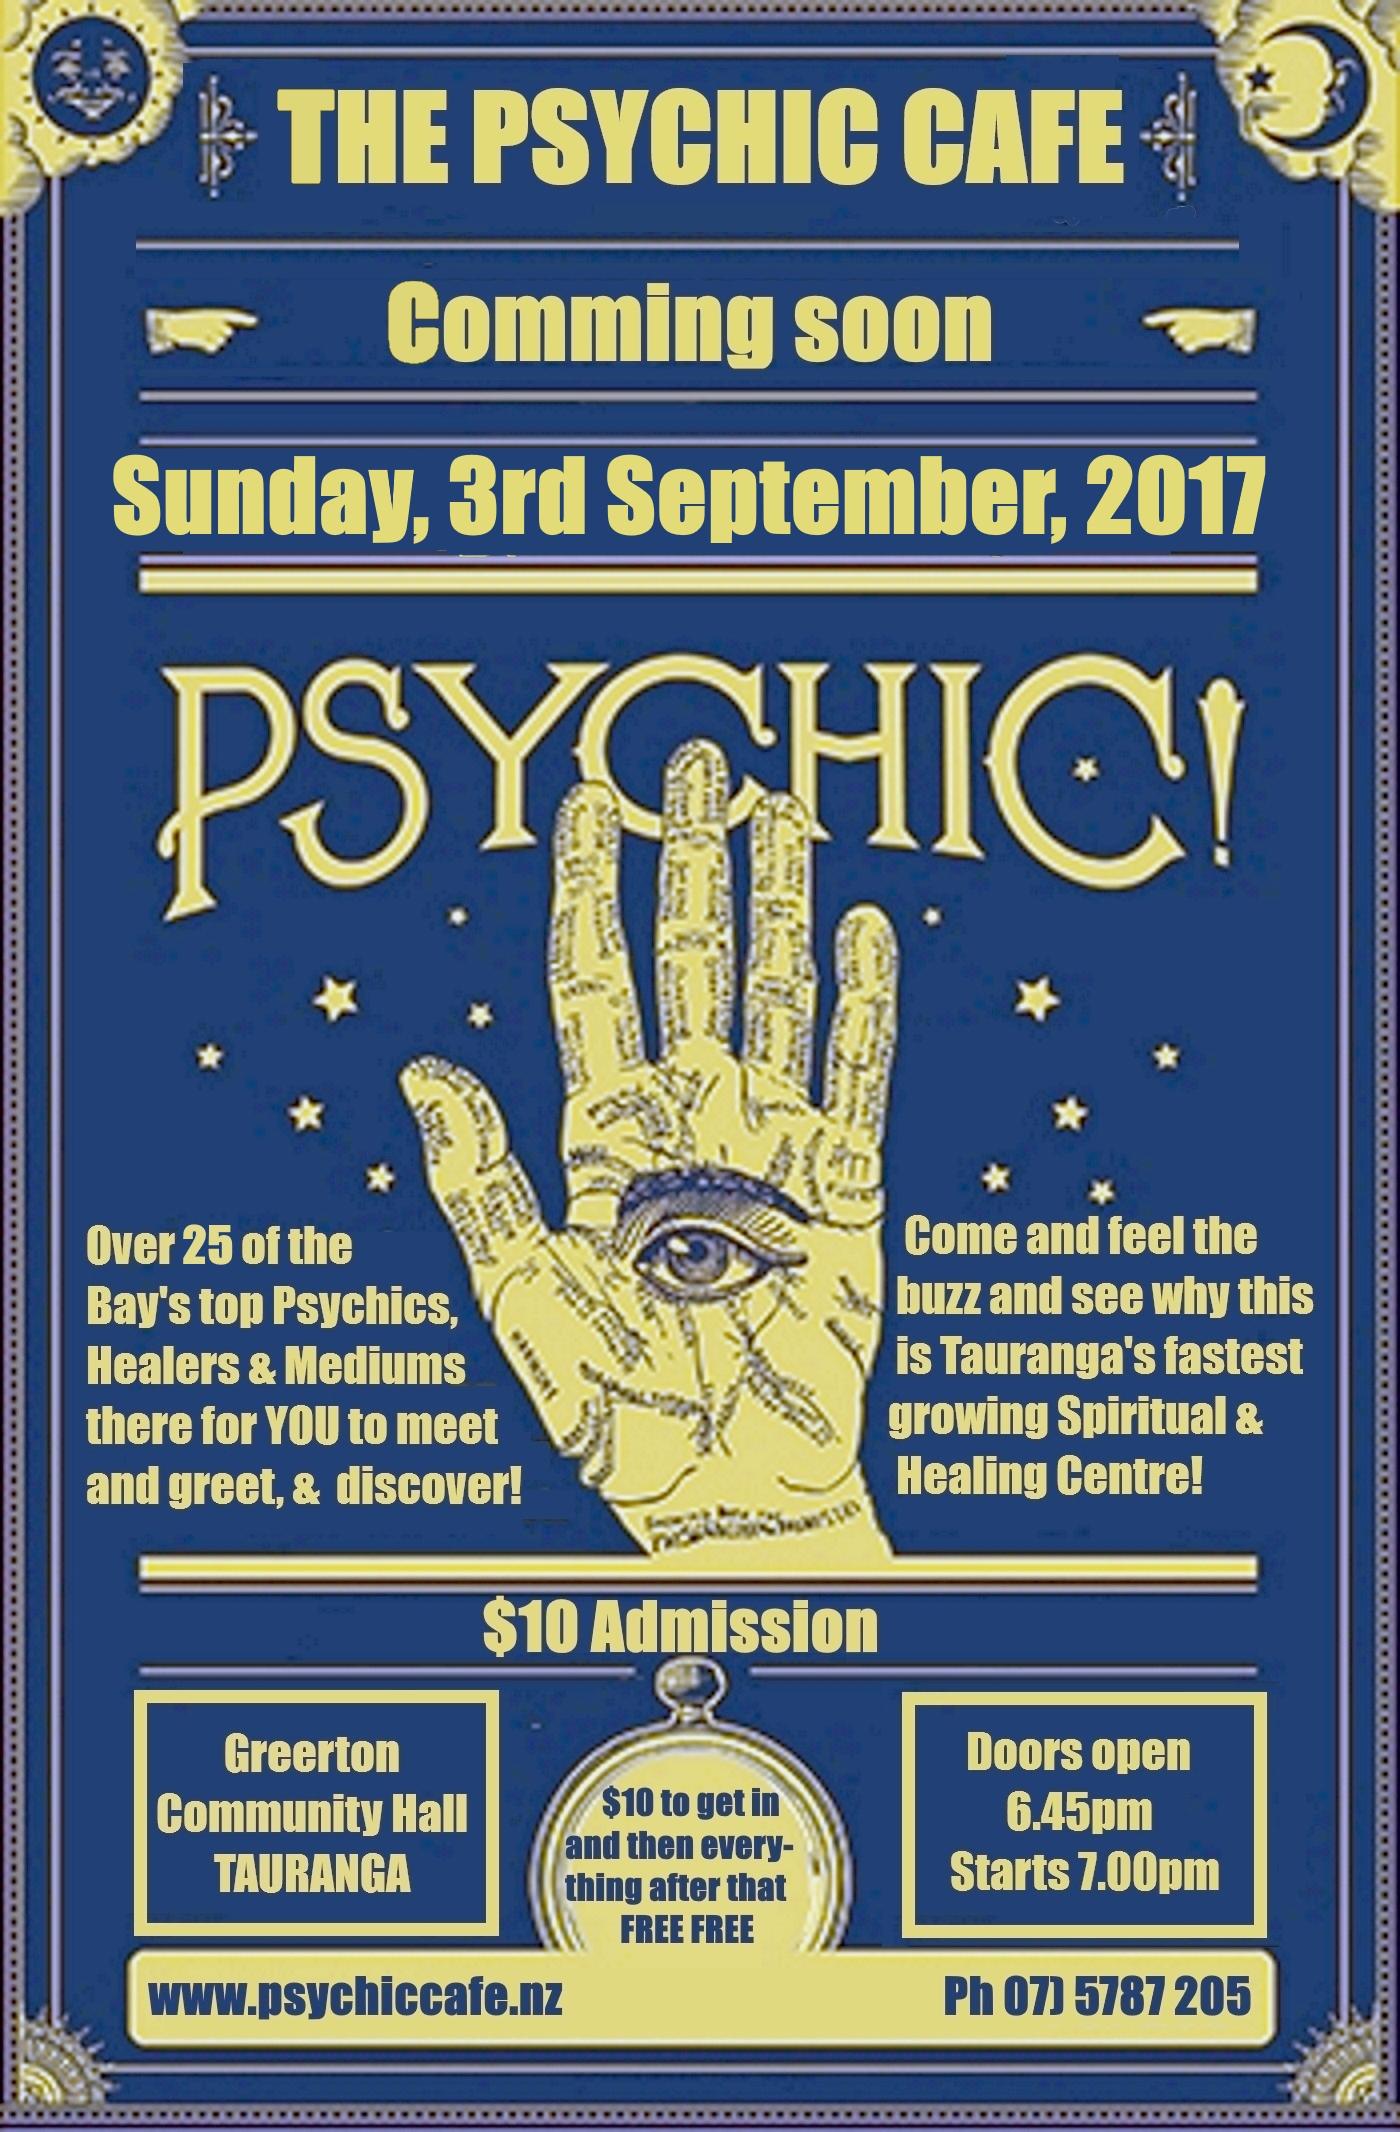 Tauranga Psychic Café Spectacular is on again